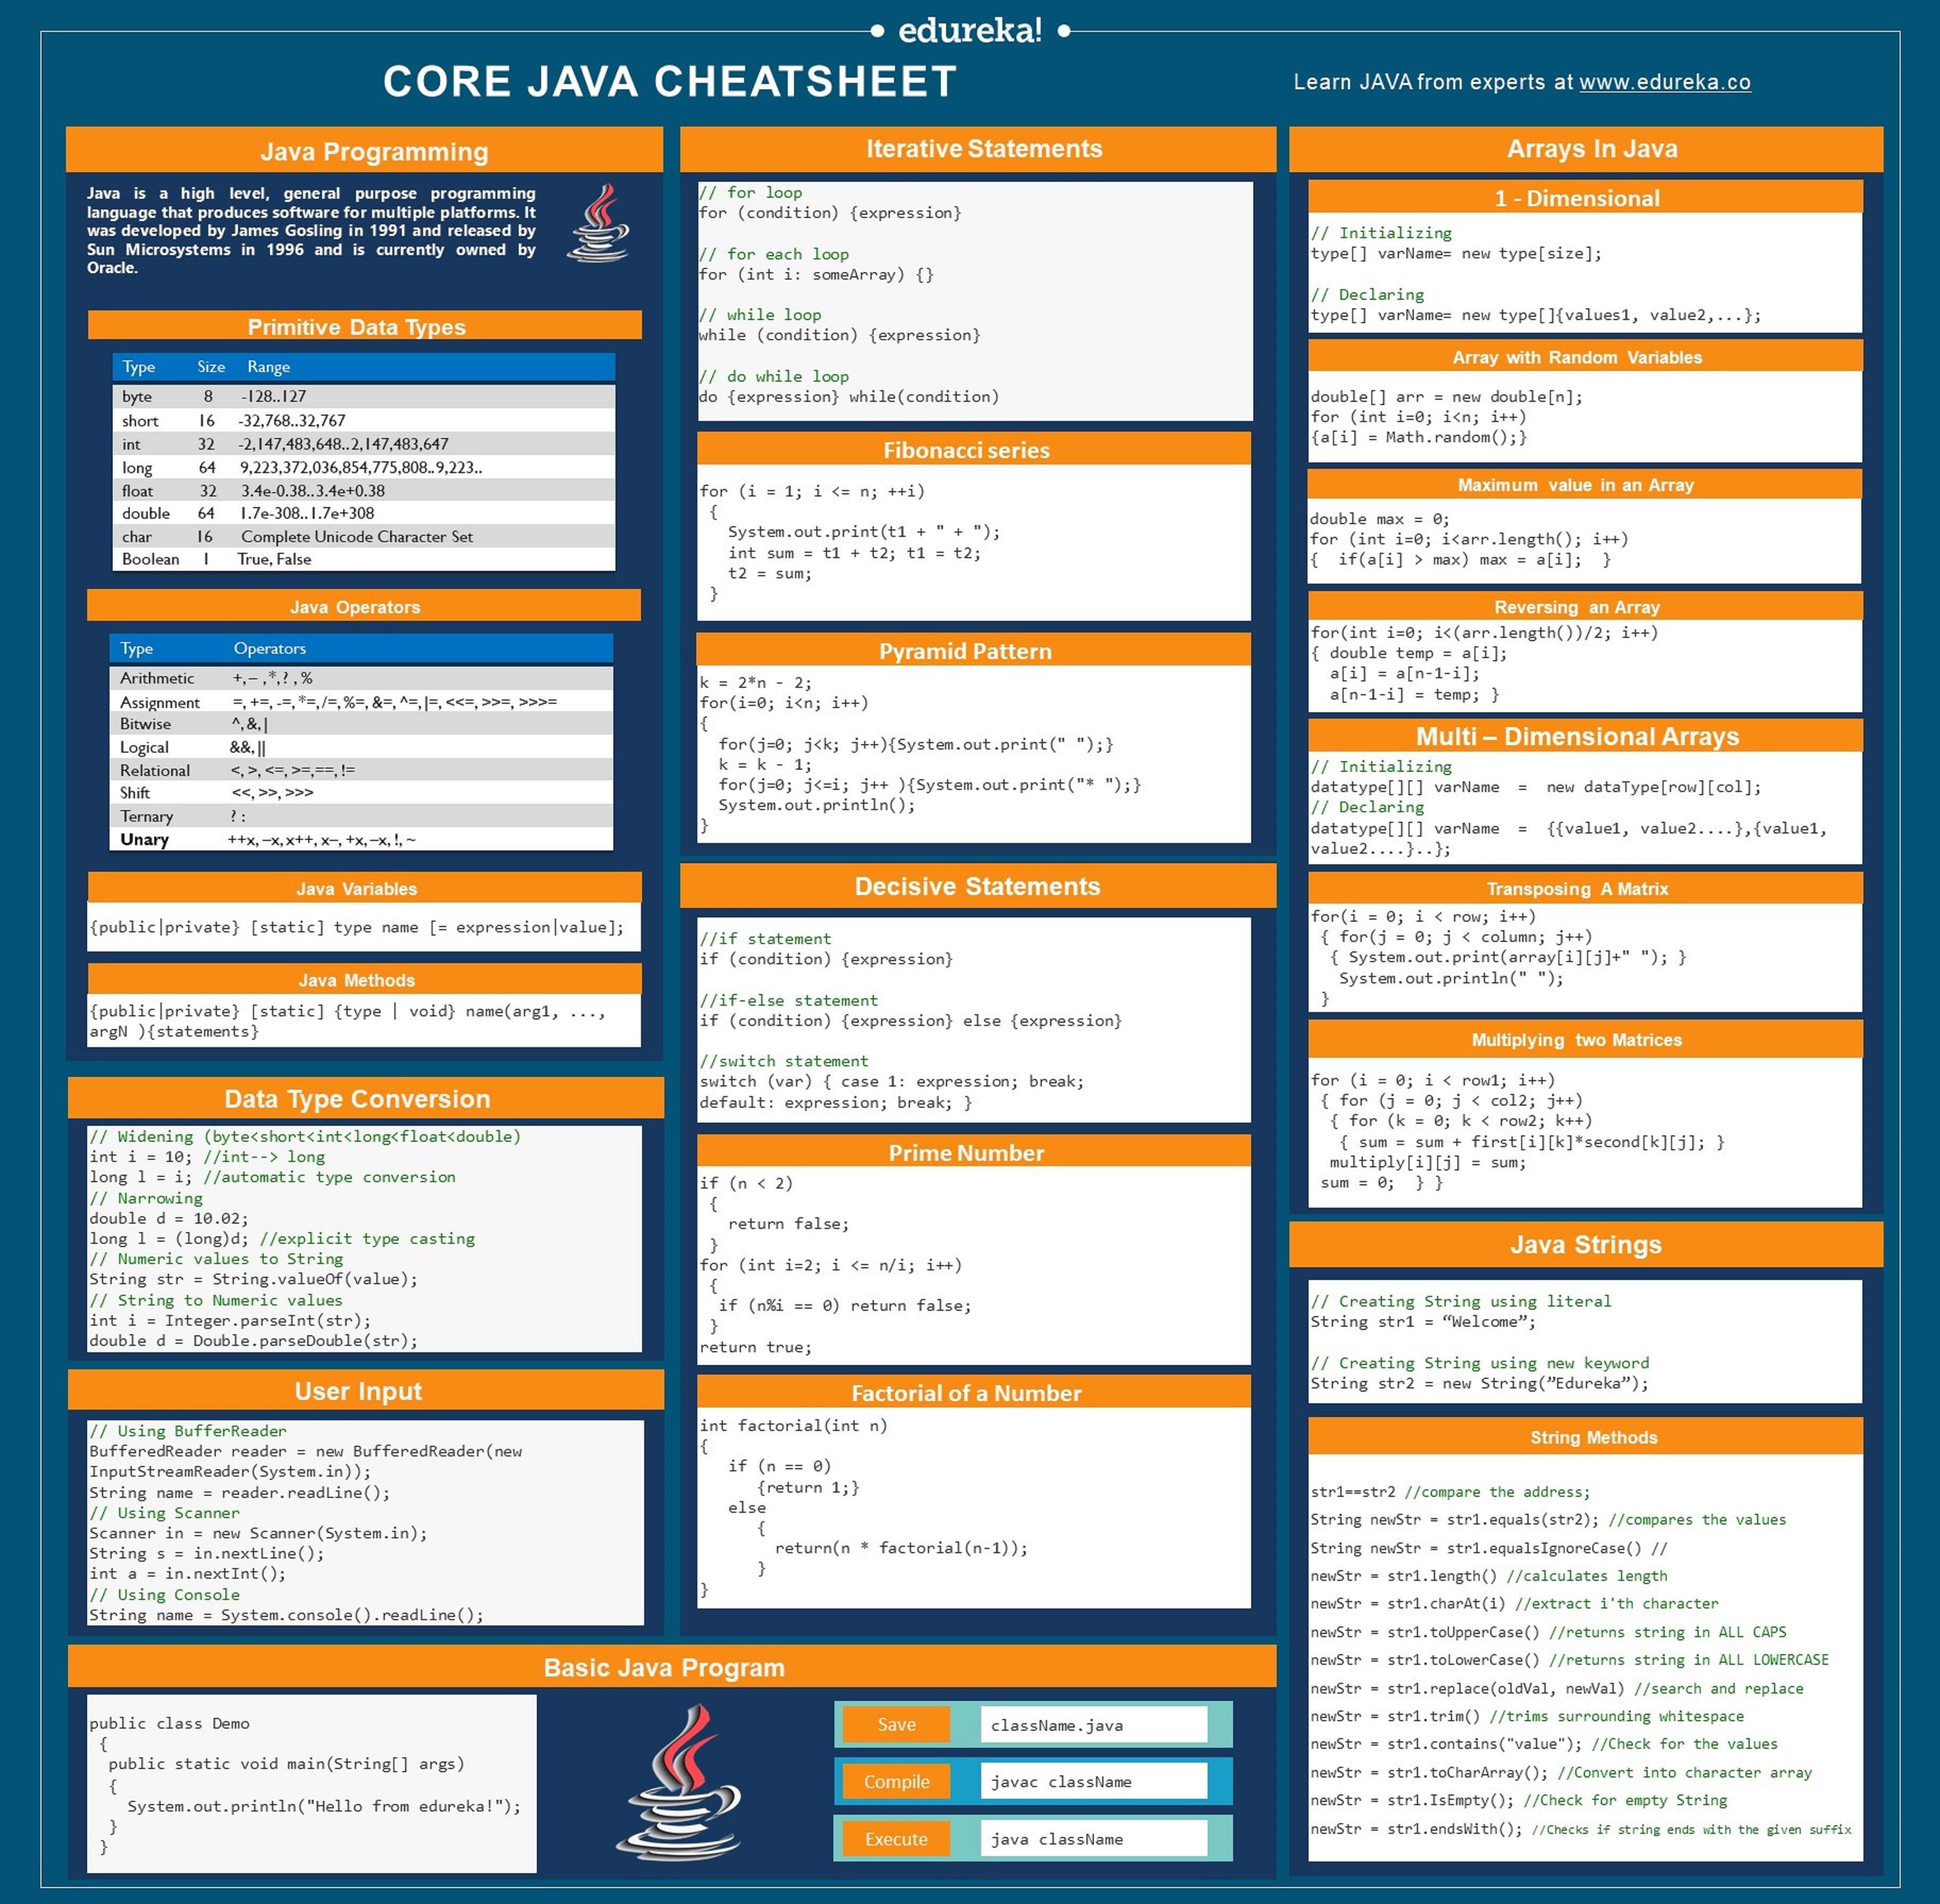 Core Java Cheat Sheet